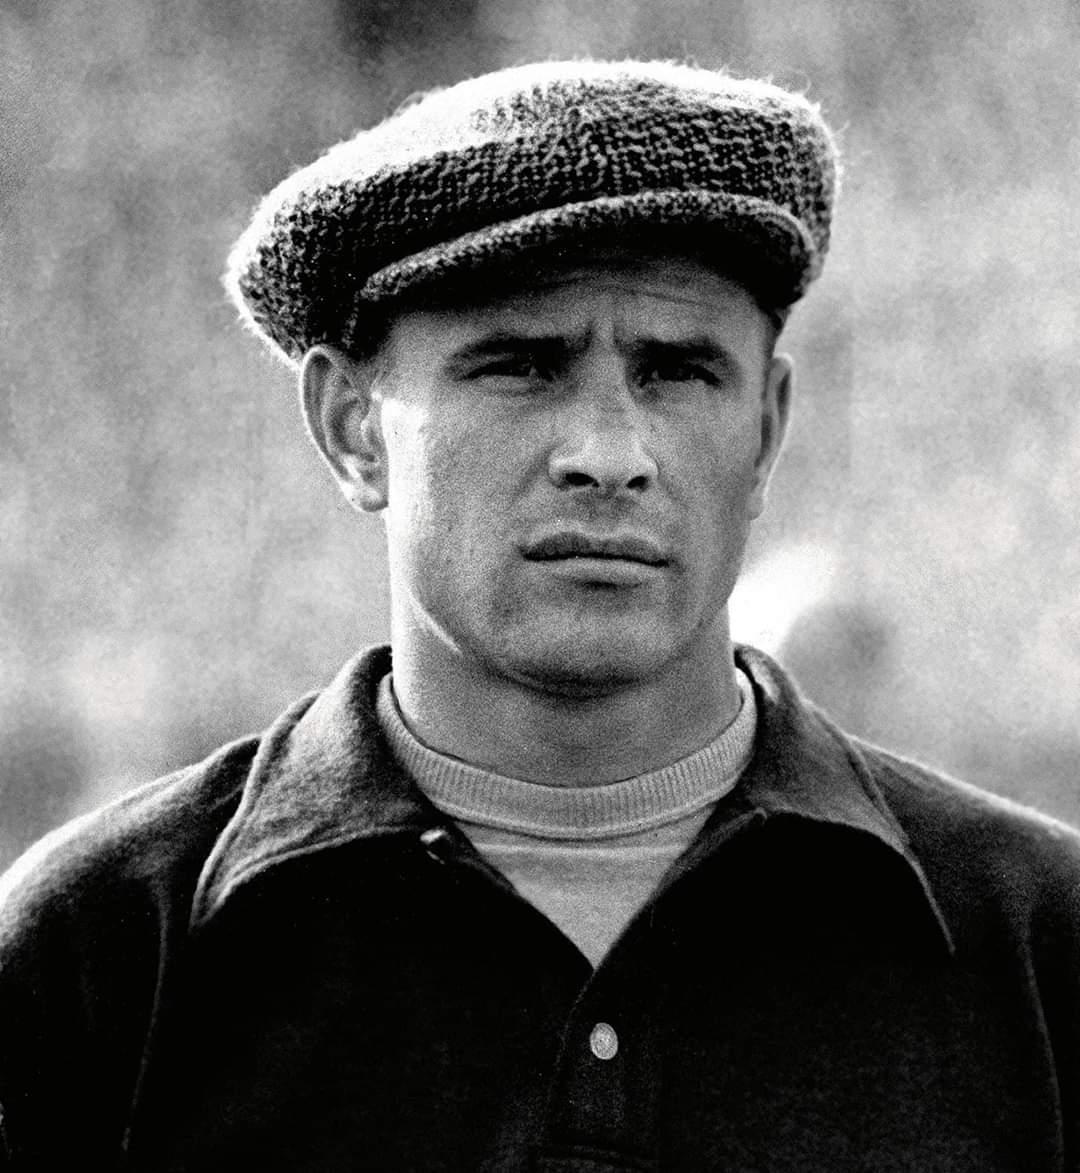 Ровно 70 лет назад состоялся дебют великого вратаря, Льва Ивановича Яшина.